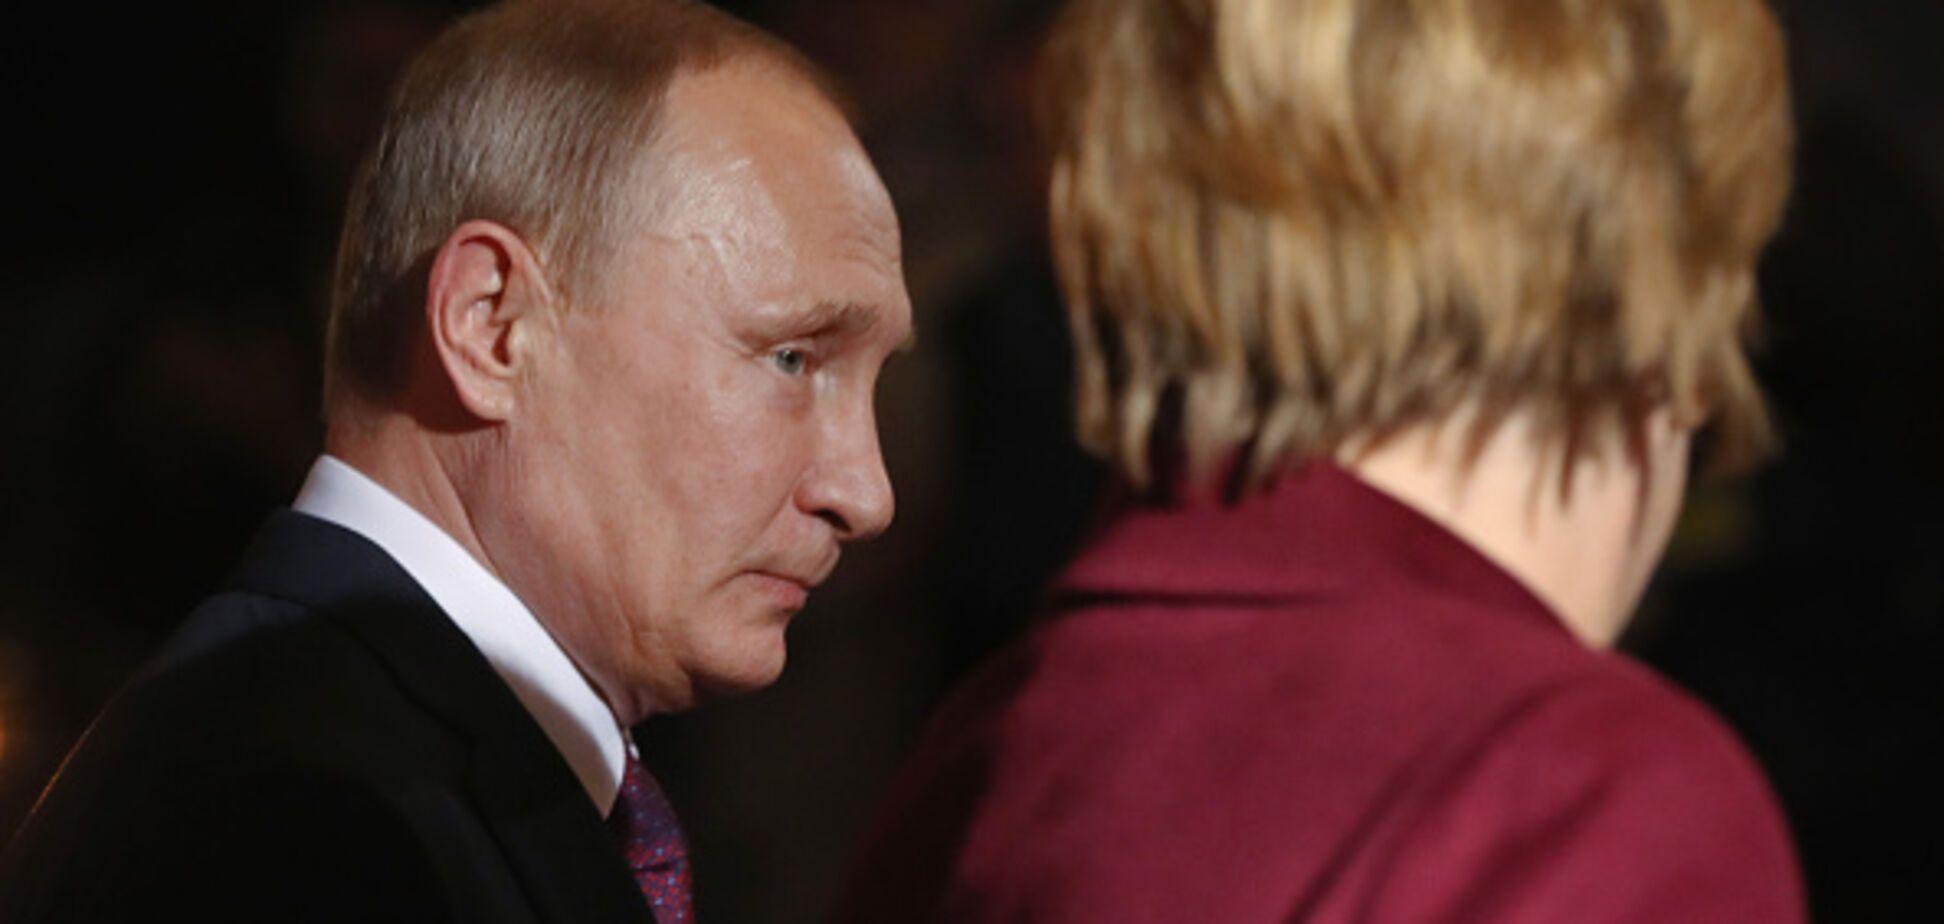 С пафосом и русскими песнями: в Италии помпезно поздравили Путина с днем рождения